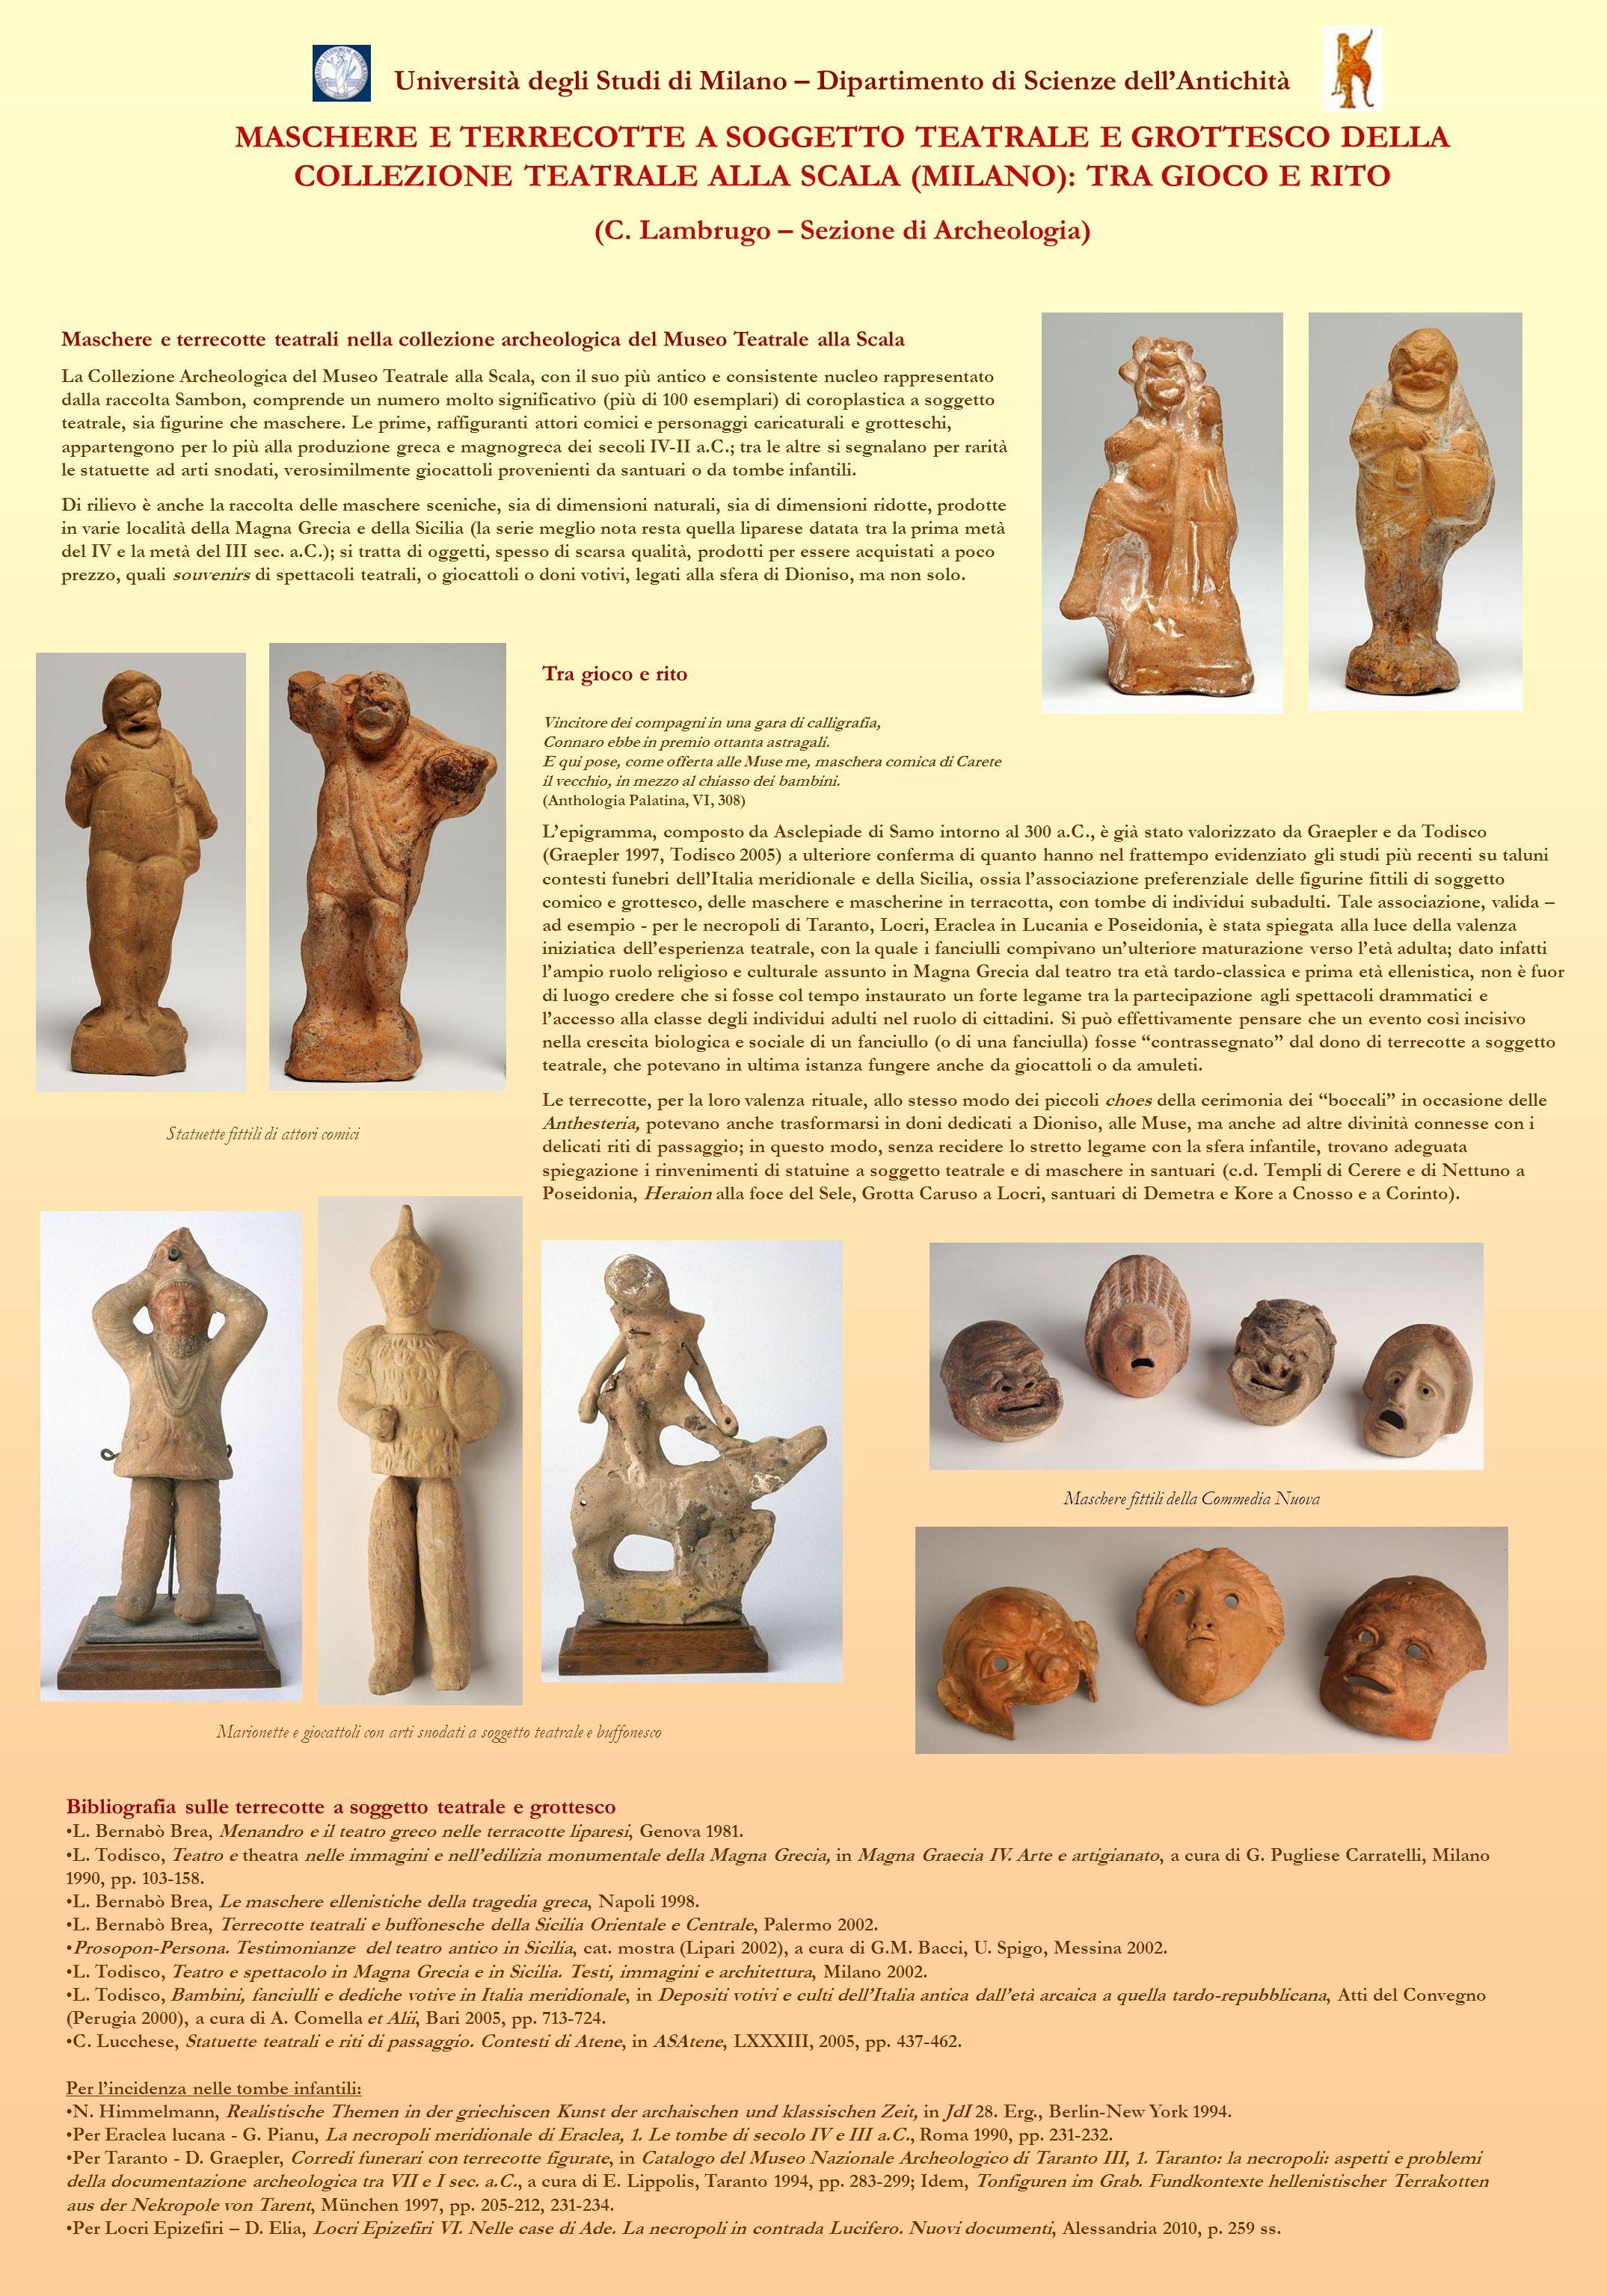 (C. Lambrugo – Sezione di Archeologia)